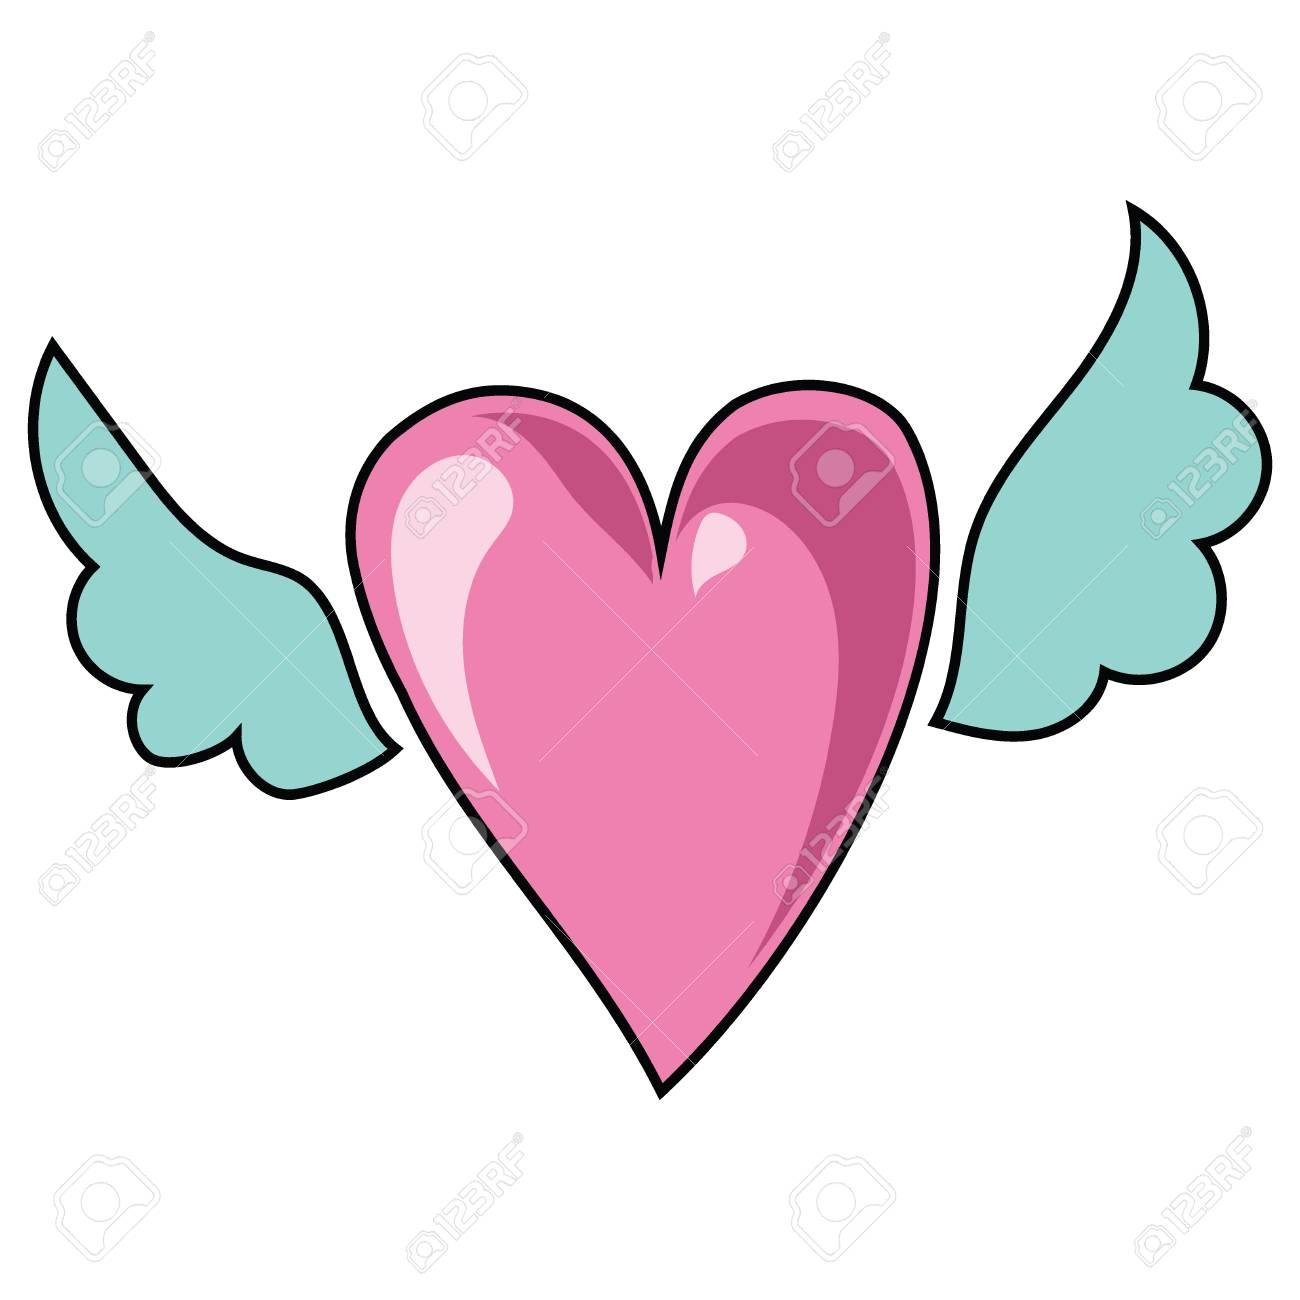 Corazón De Dibujos Animados Con Alas Ilustración Vectorial Para